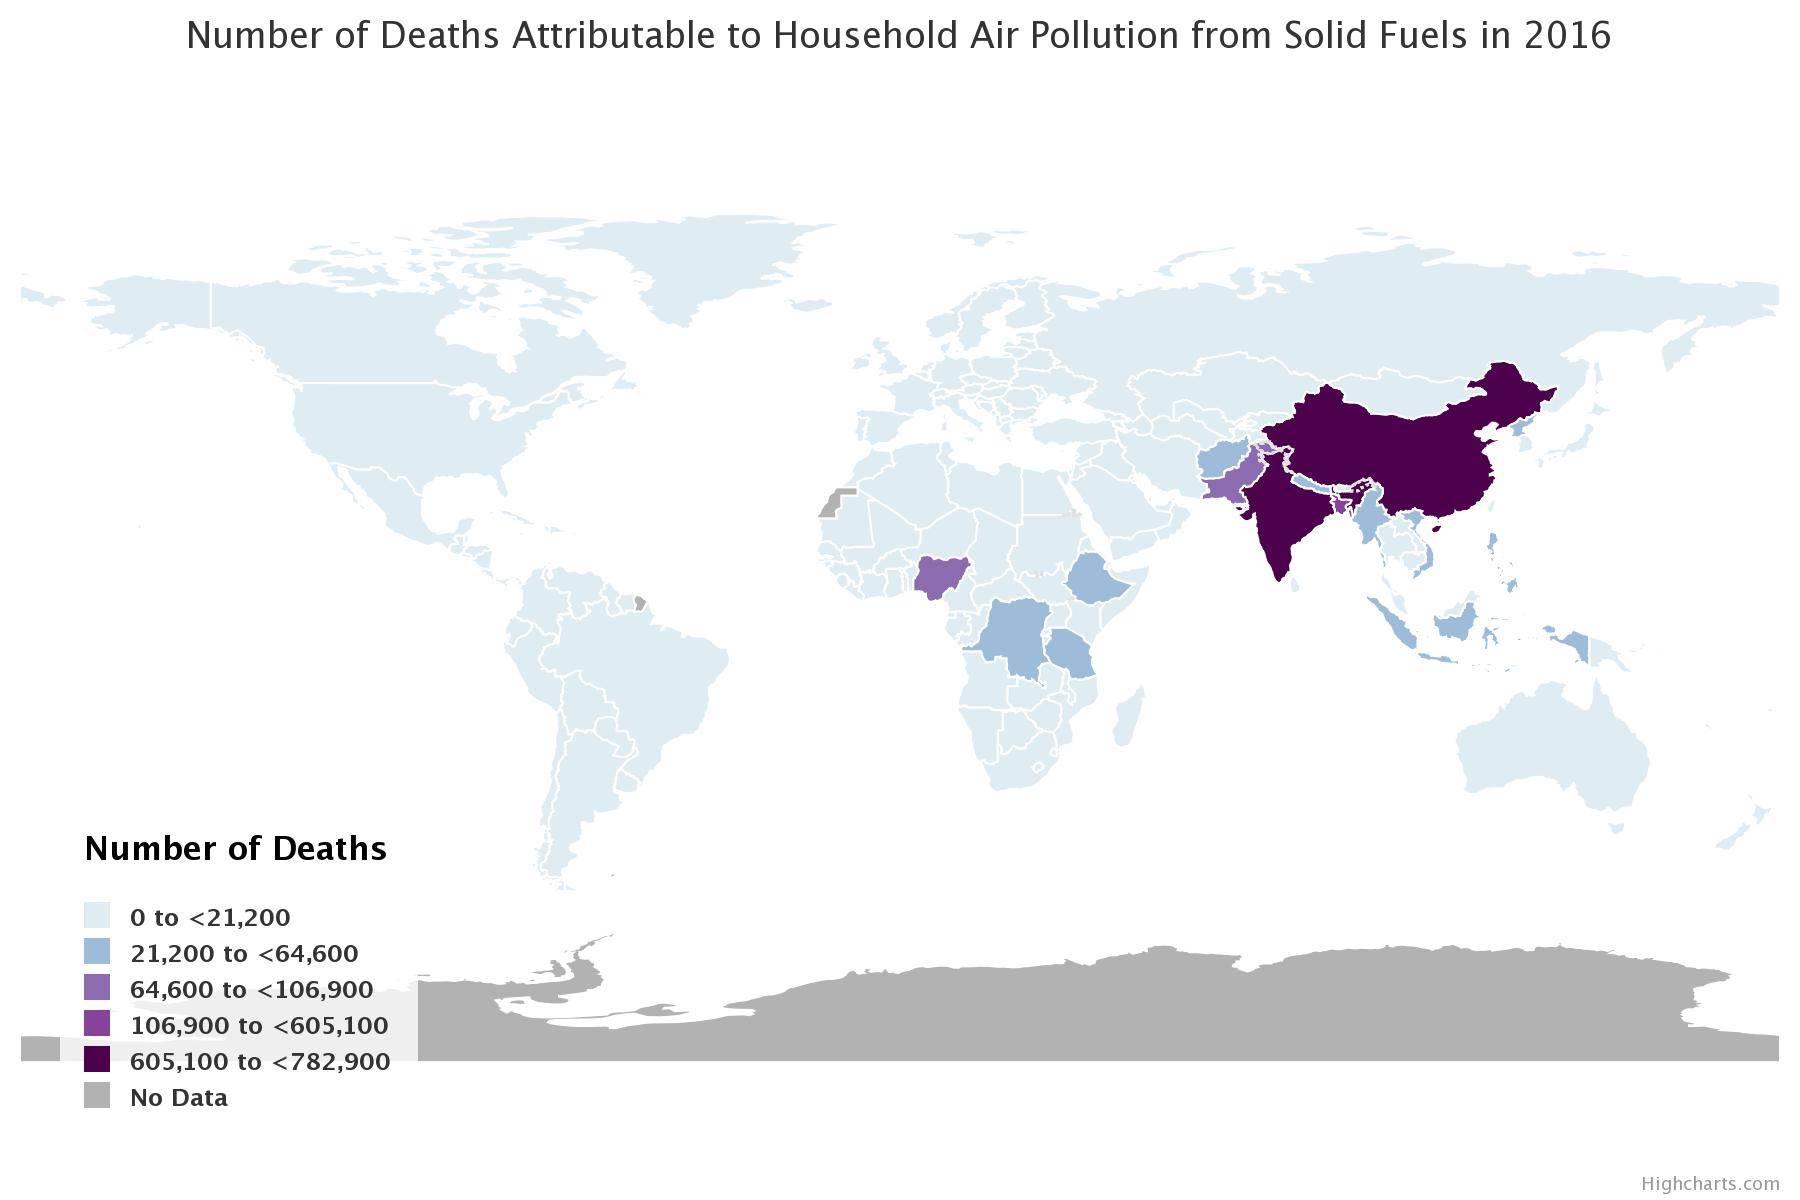 Muertes relacionadas con la contaminación en el aire han aumentado en un 50% en tal solo 4 años